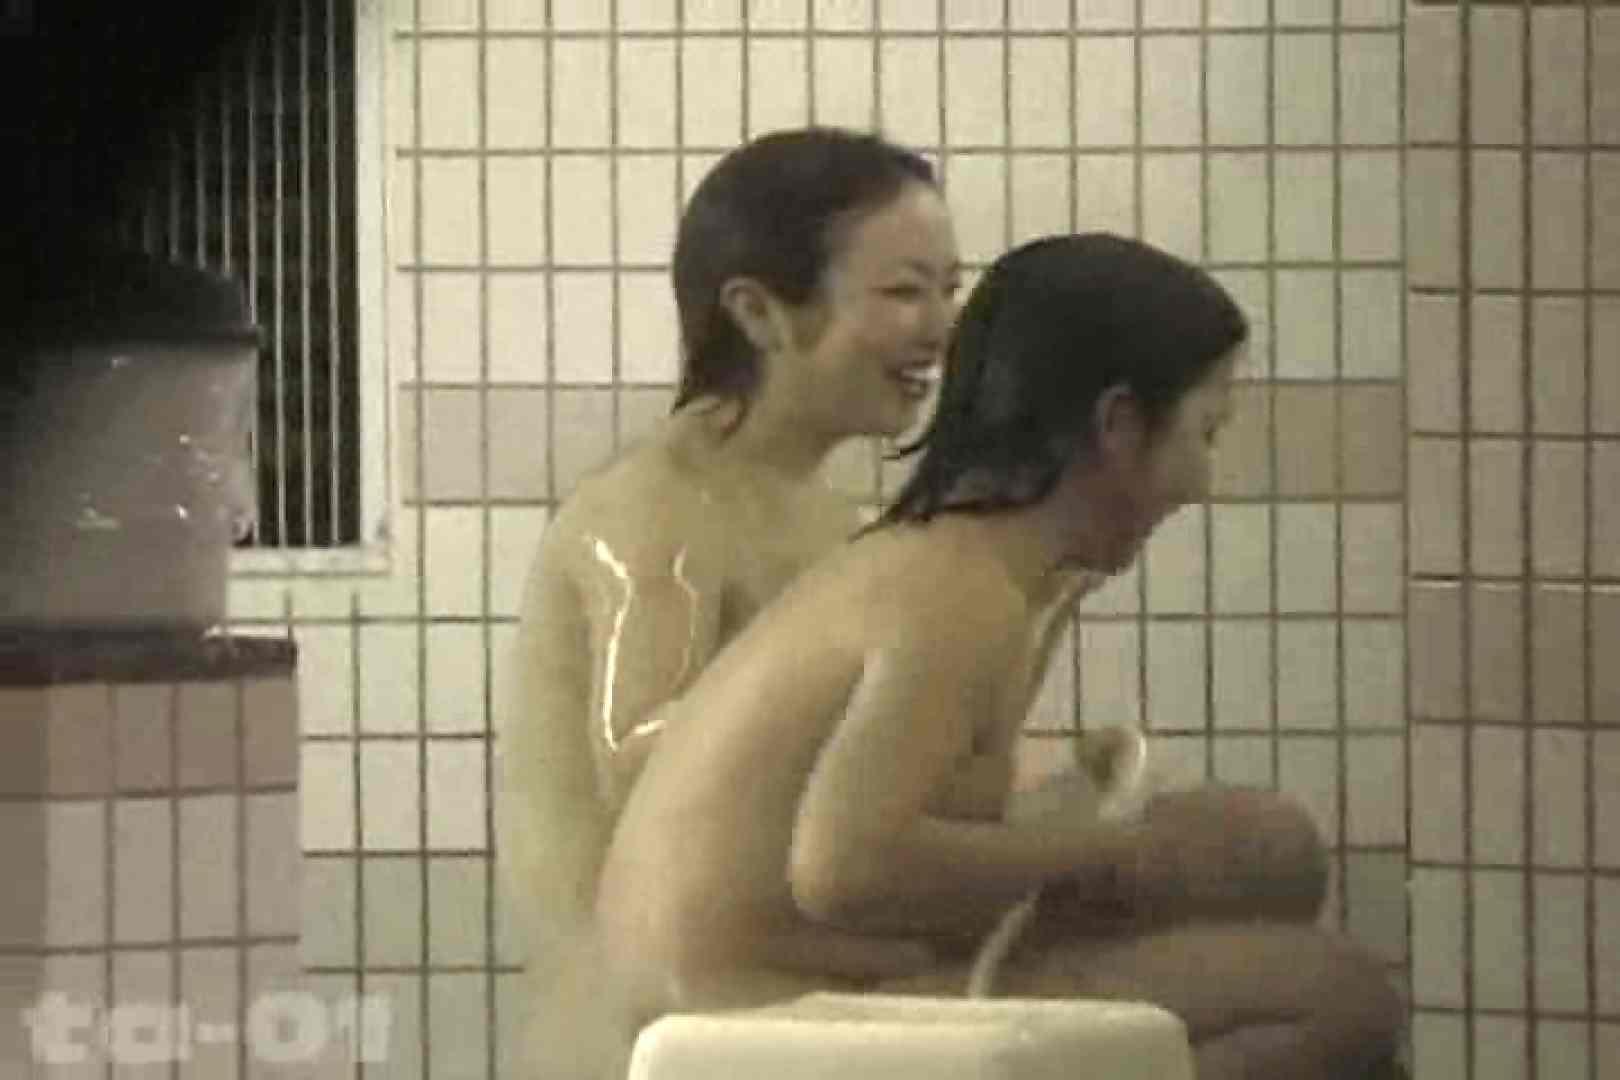 合宿ホテル女風呂盗撮高画質版 Vol.01 高画質動画   ホテルでエッチ  106画像 106